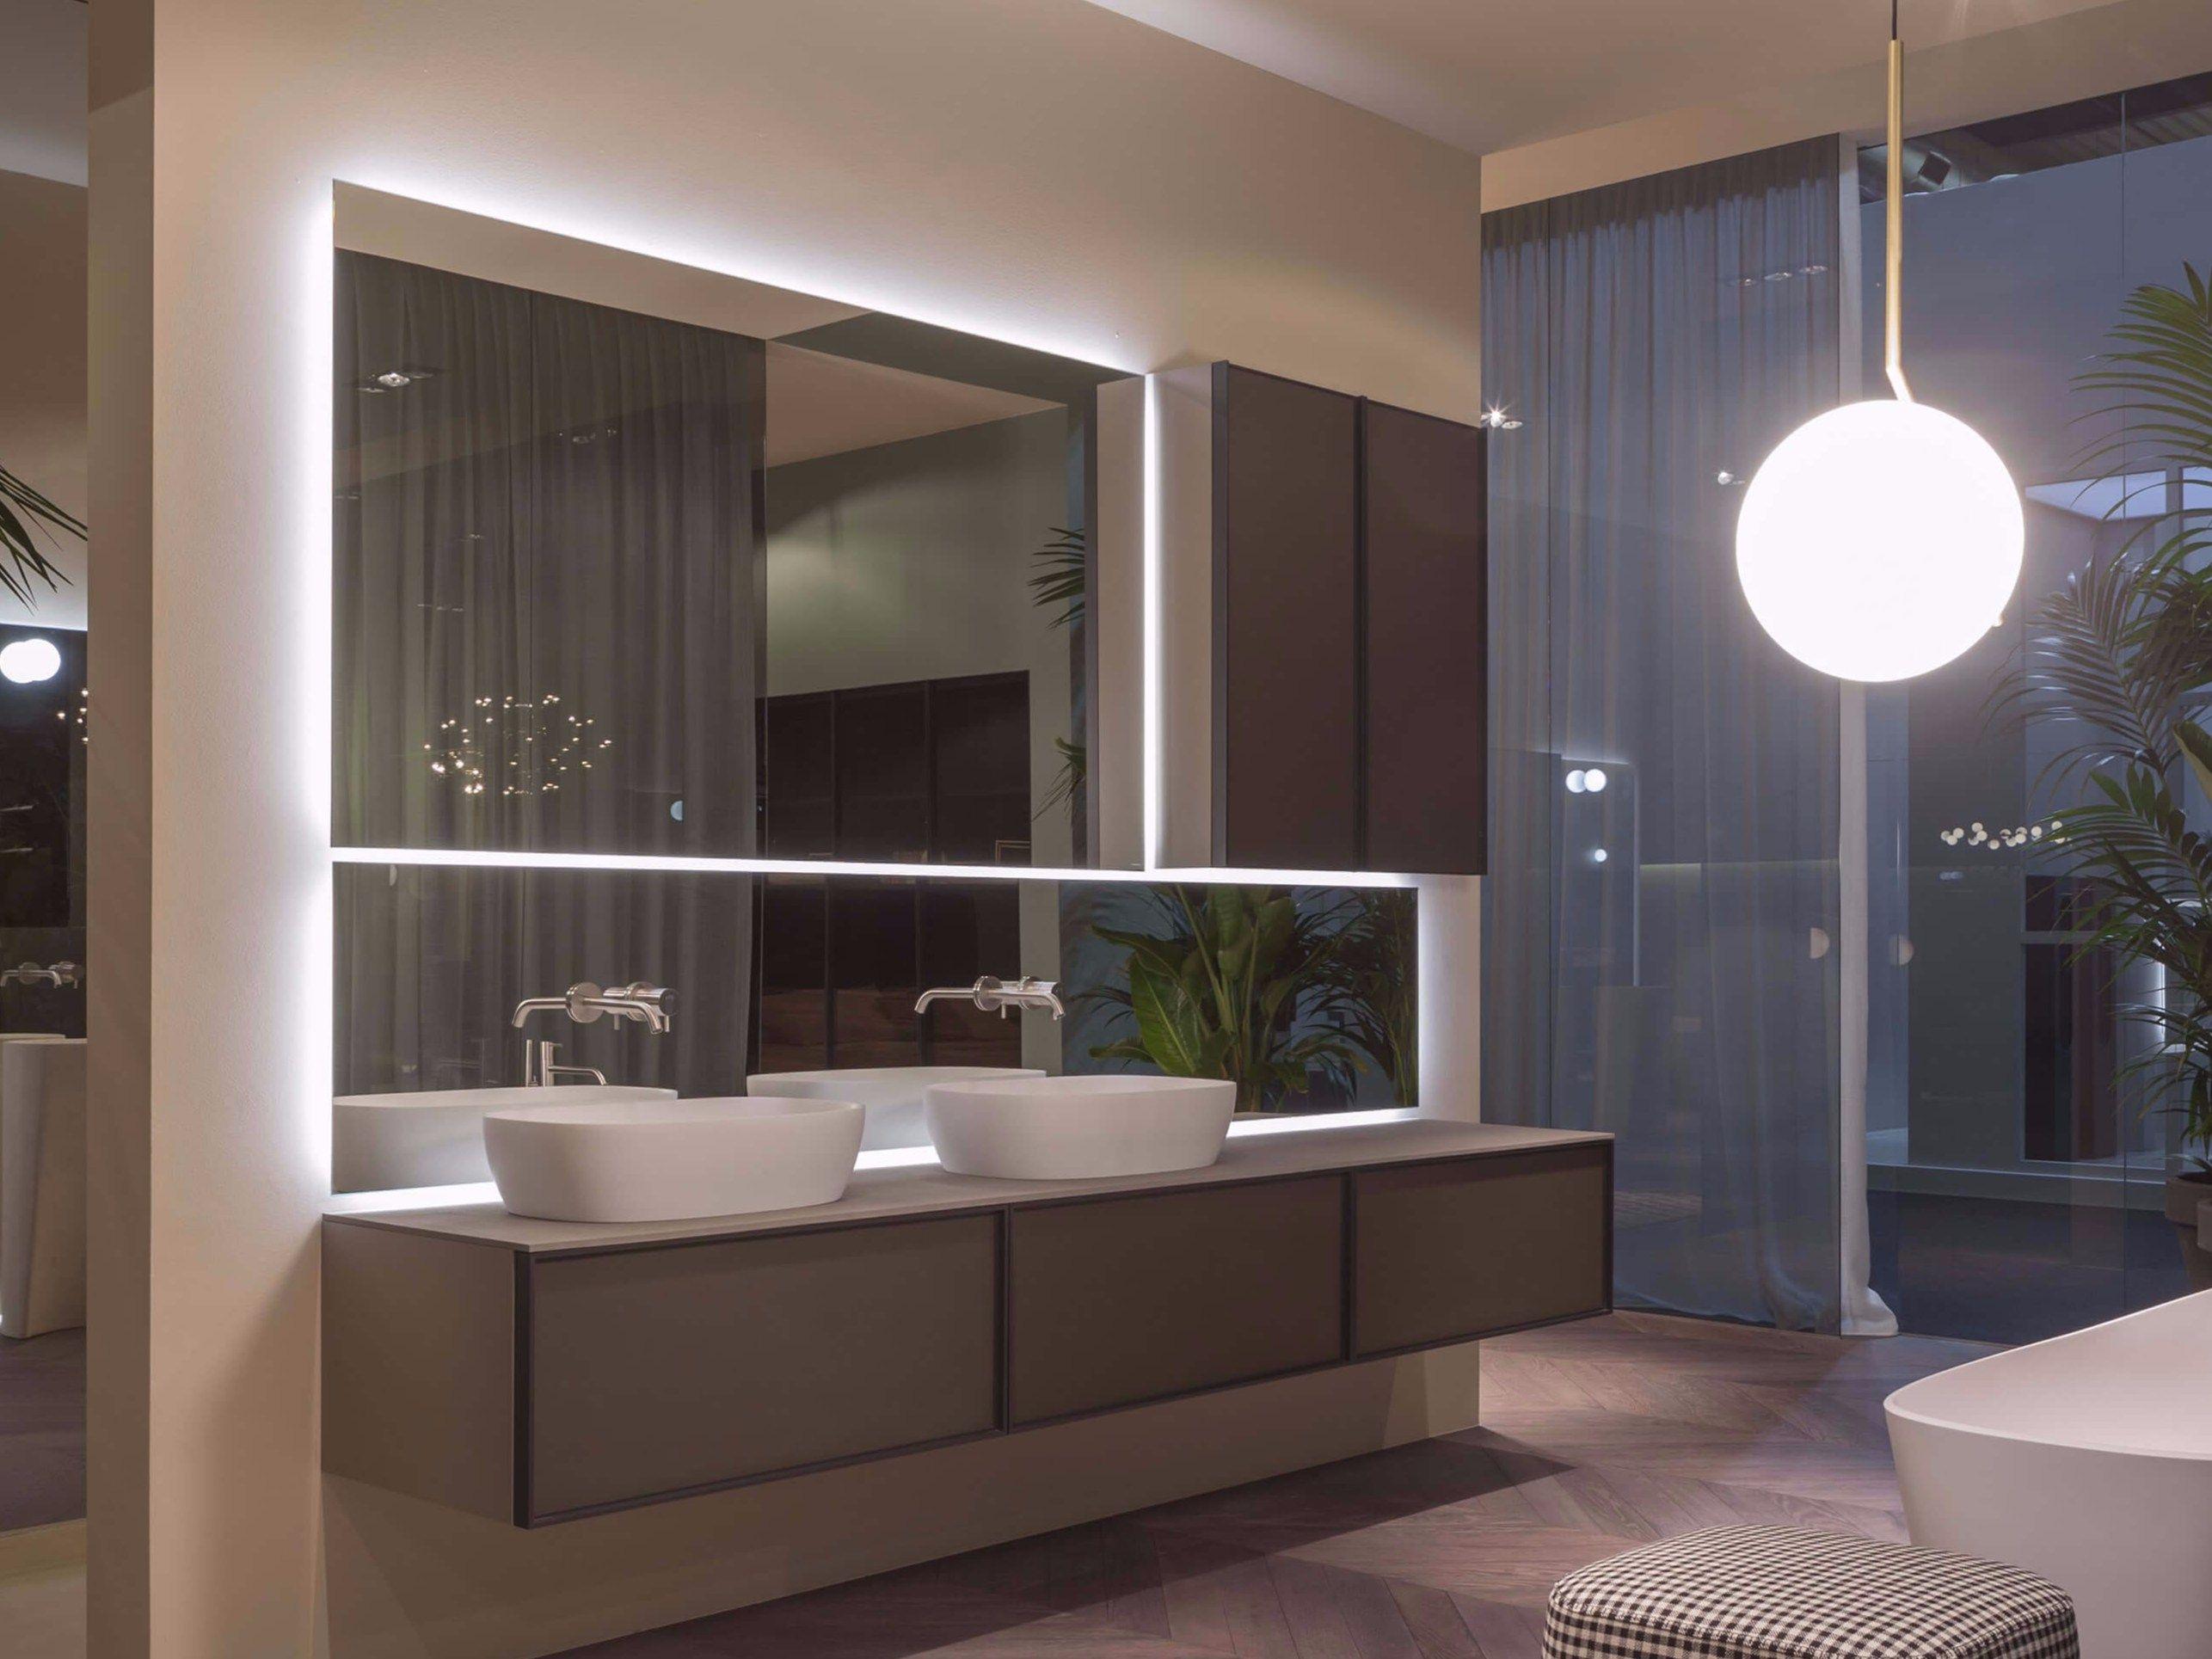 idee ed ispirazioni per arredare il bagno | archiproducts - Arredo Bagno Antonio Lupi Scontato